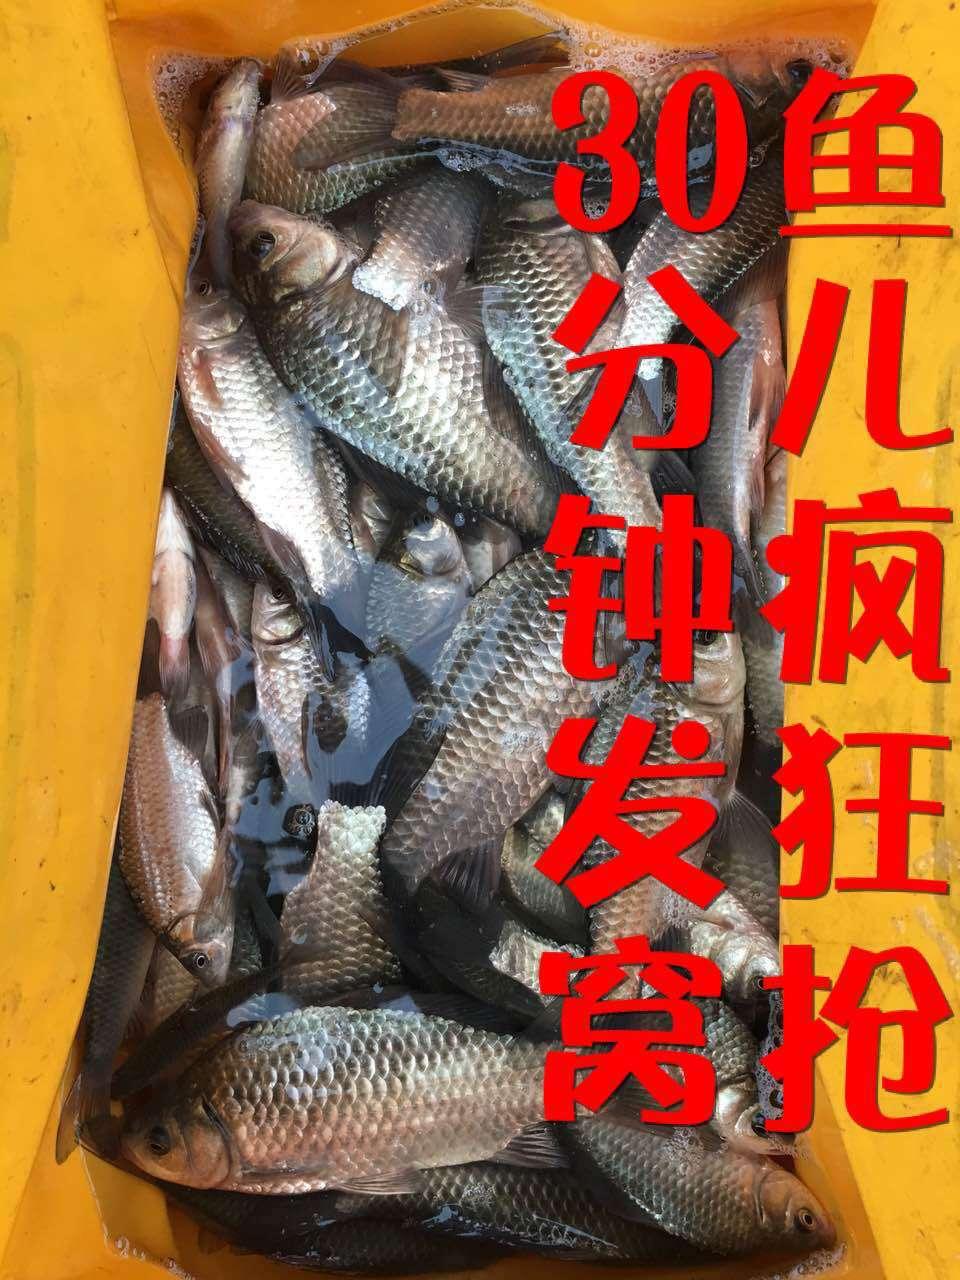 十三底窩料鯽魚誘餌窩料 野釣黑坑鯽魚餌 鯽鯉草鯿窩料全能聚魚餌